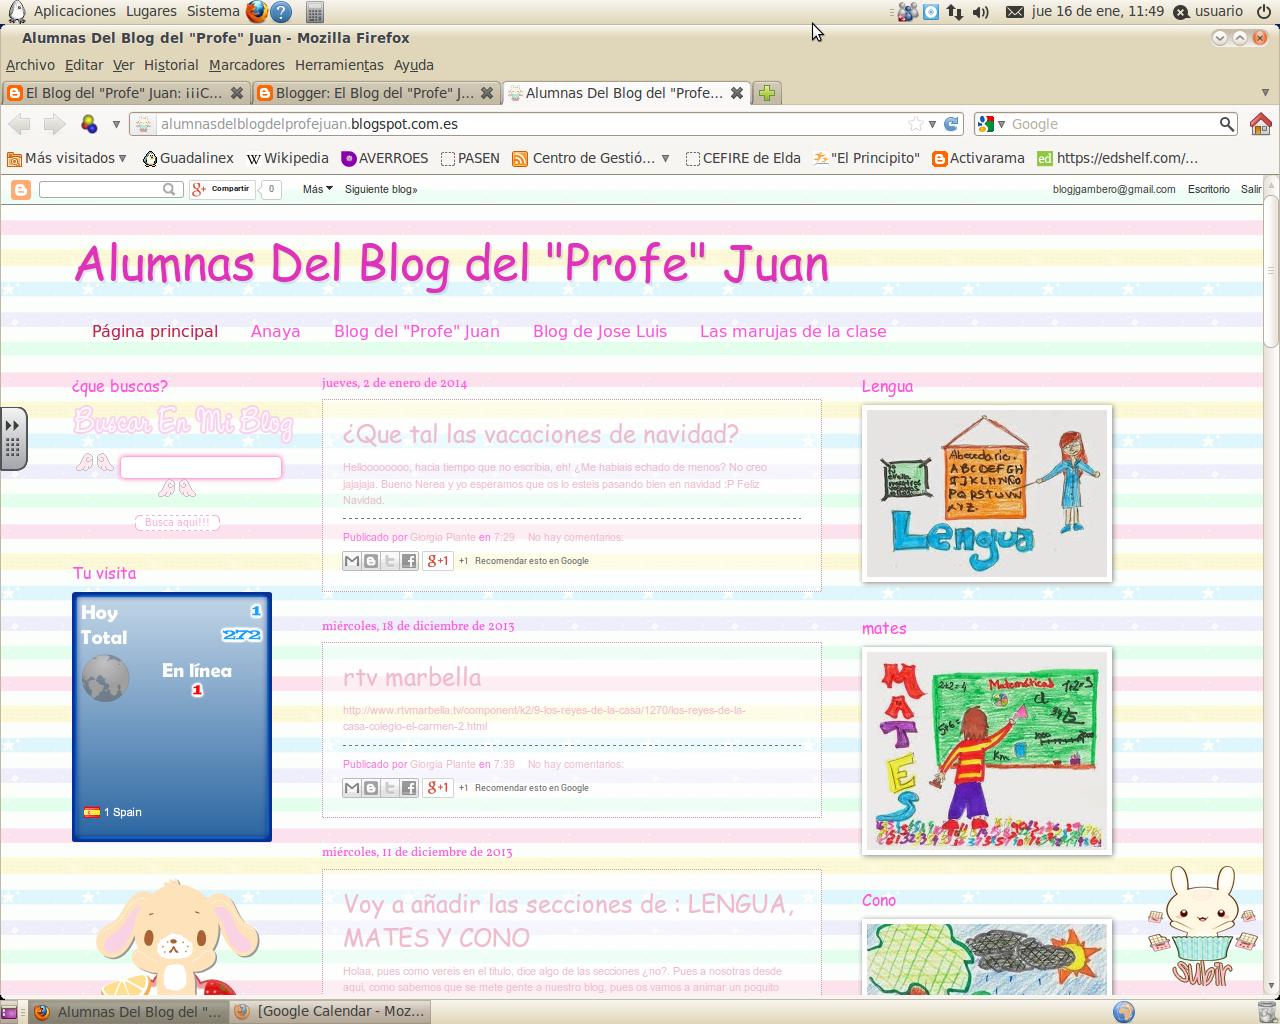 http://alumnasdelblogdelprofejuan.blogspot.com.es/